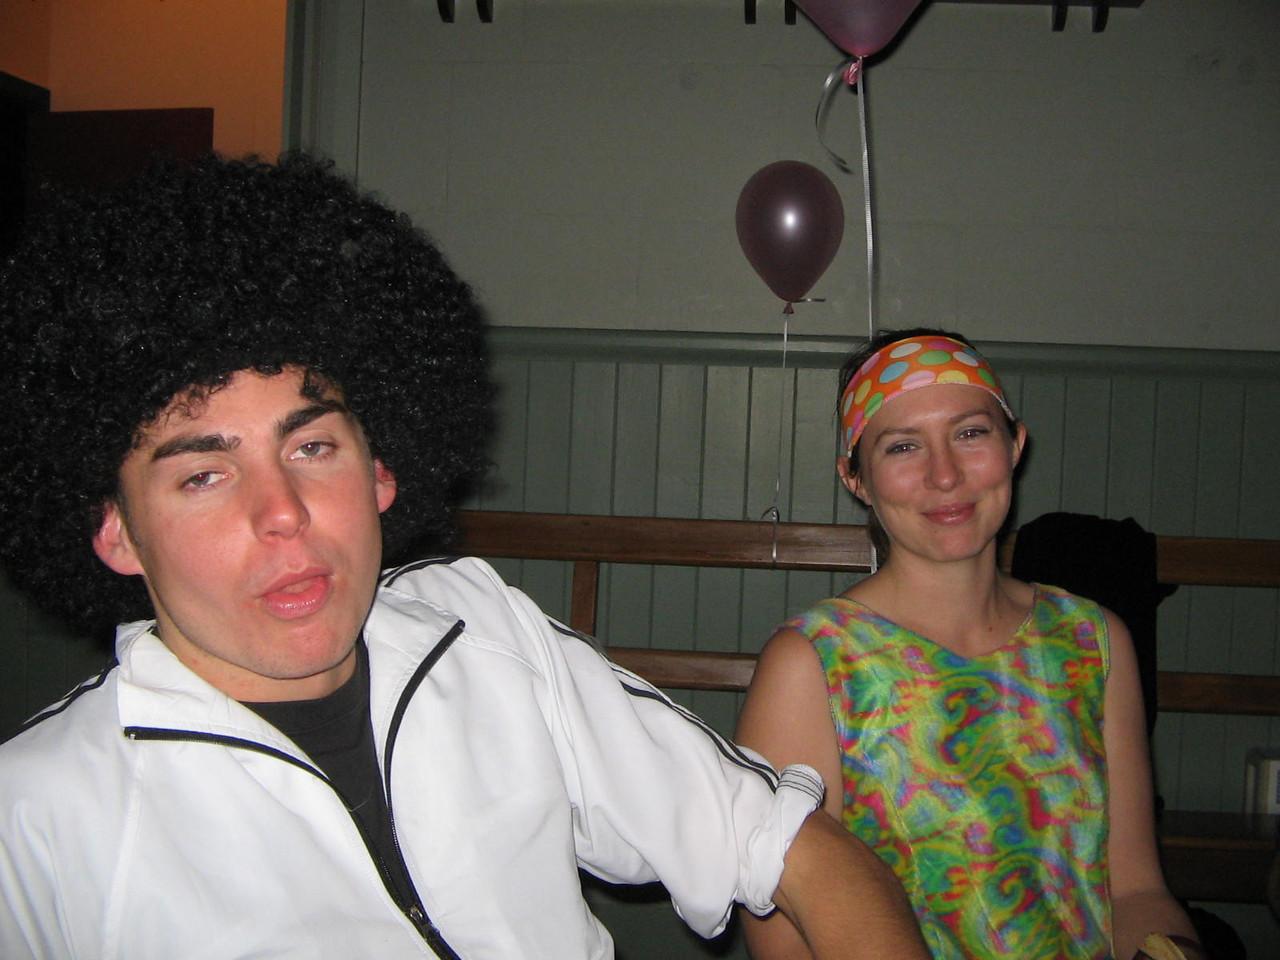 ben and amelia